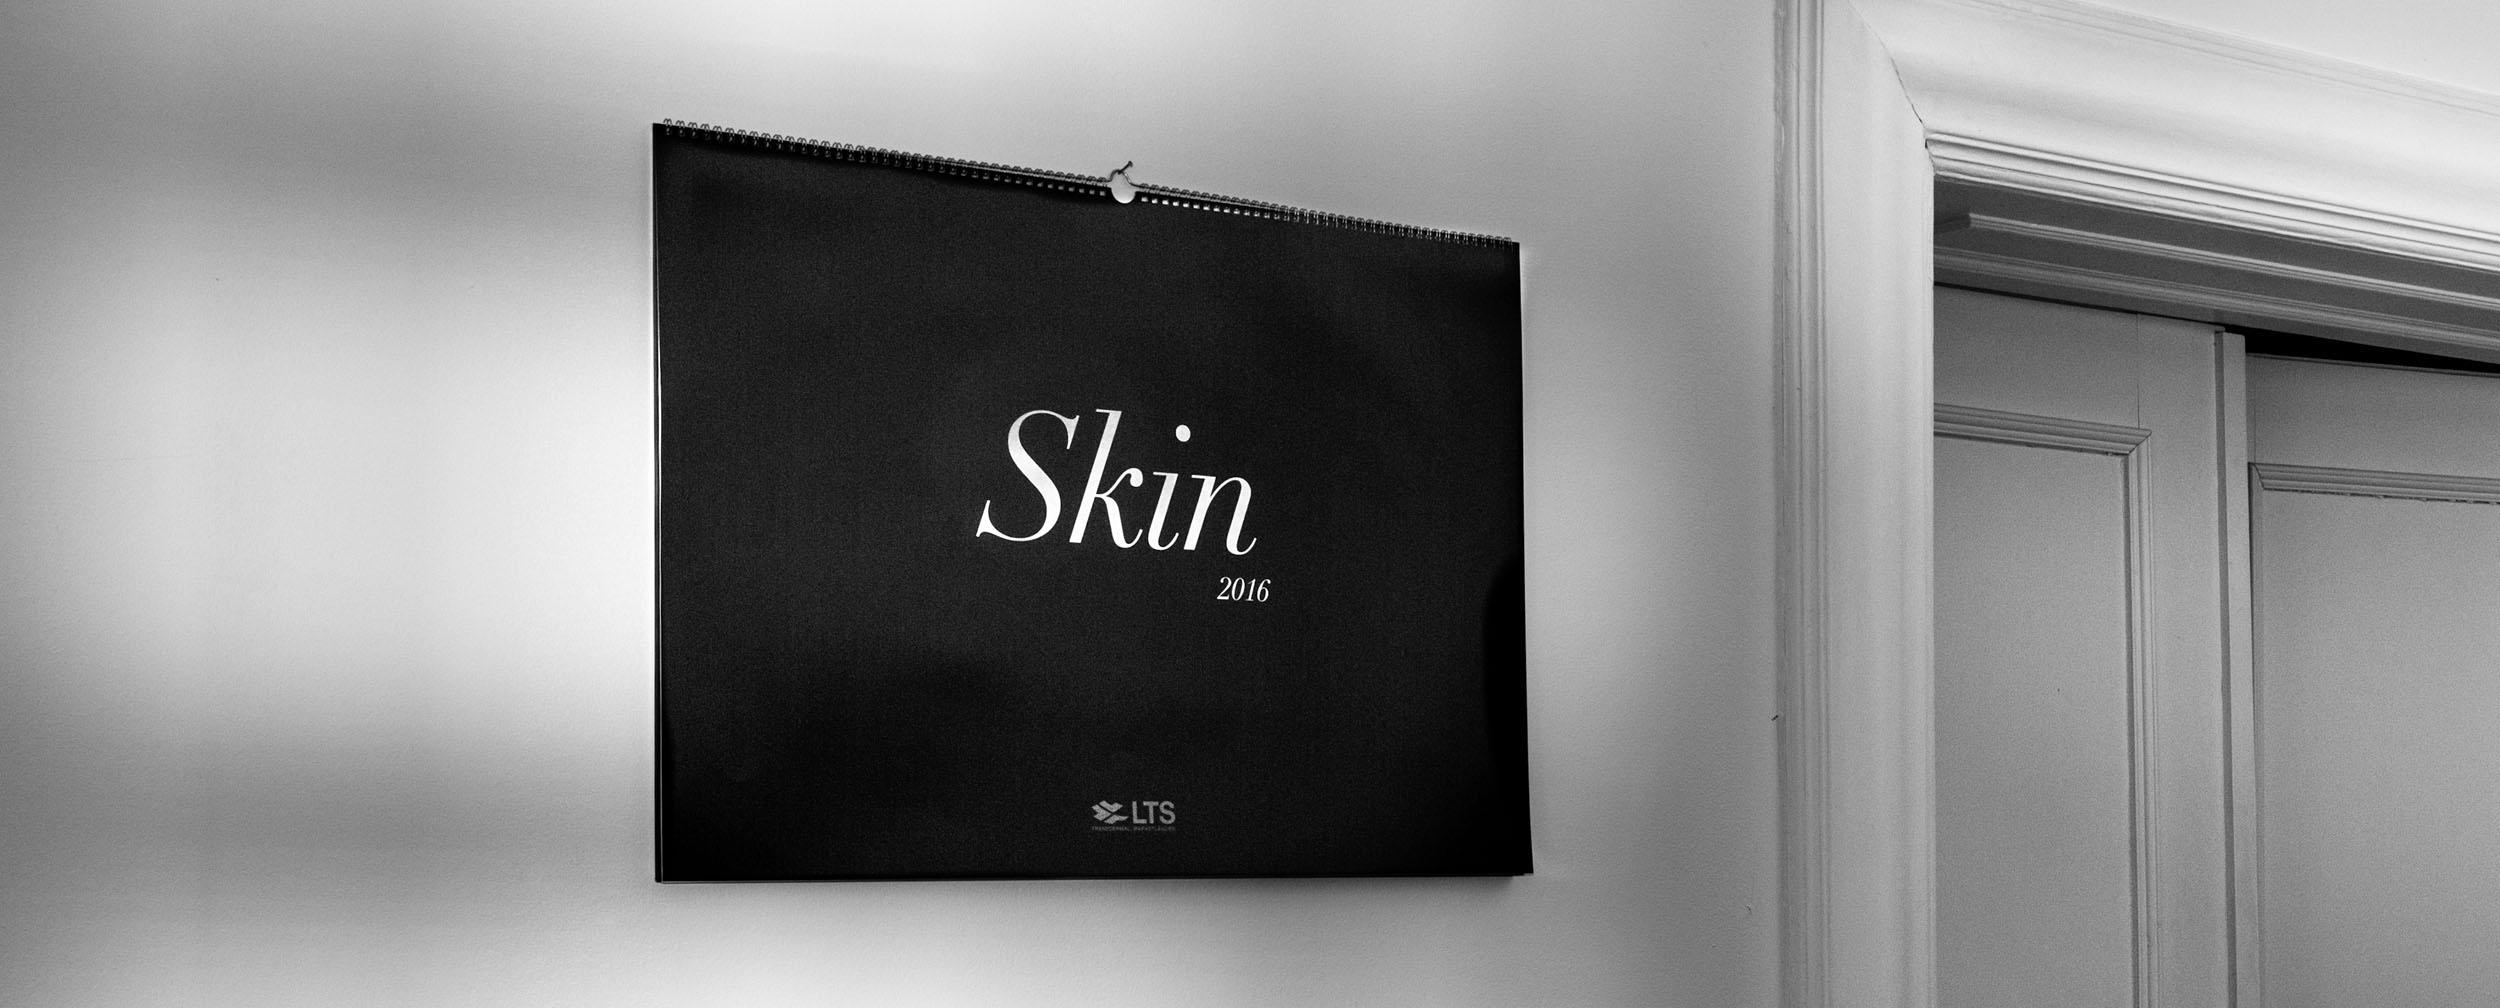 lehnstein_werbung_koblenz_LTS-Skin_01